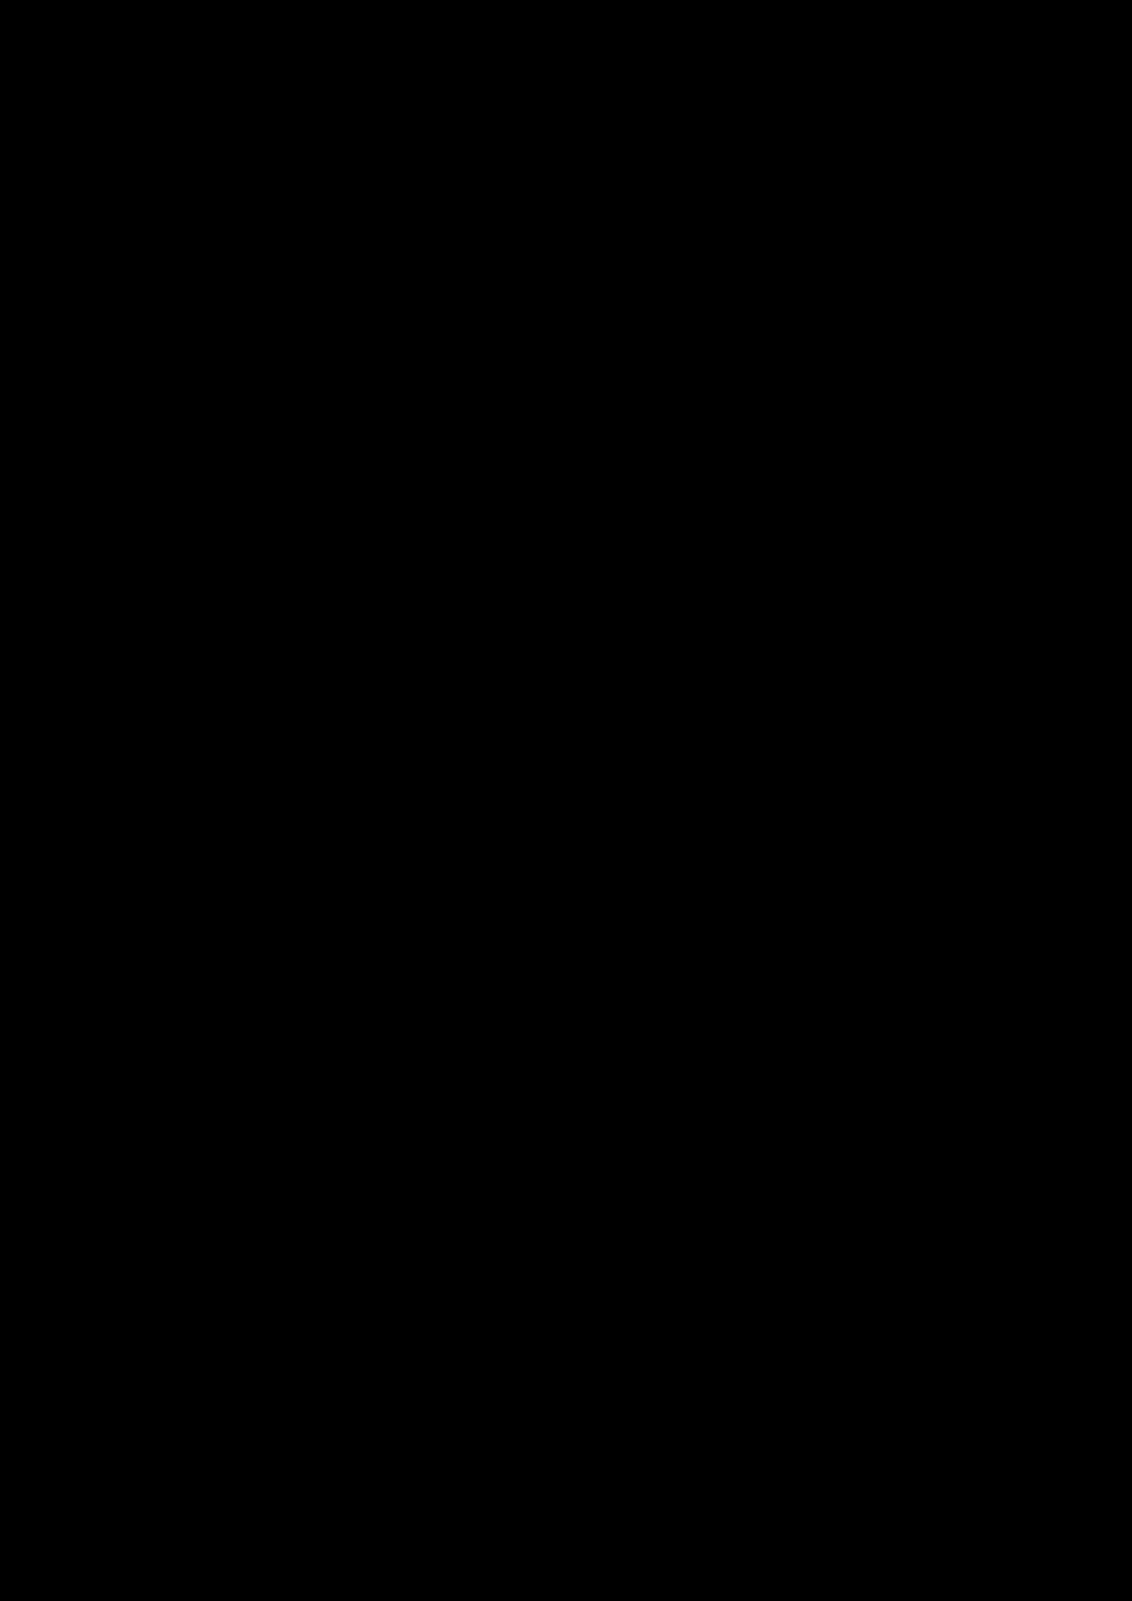 Zagadka volshebnoy stranyi slide, Image 21